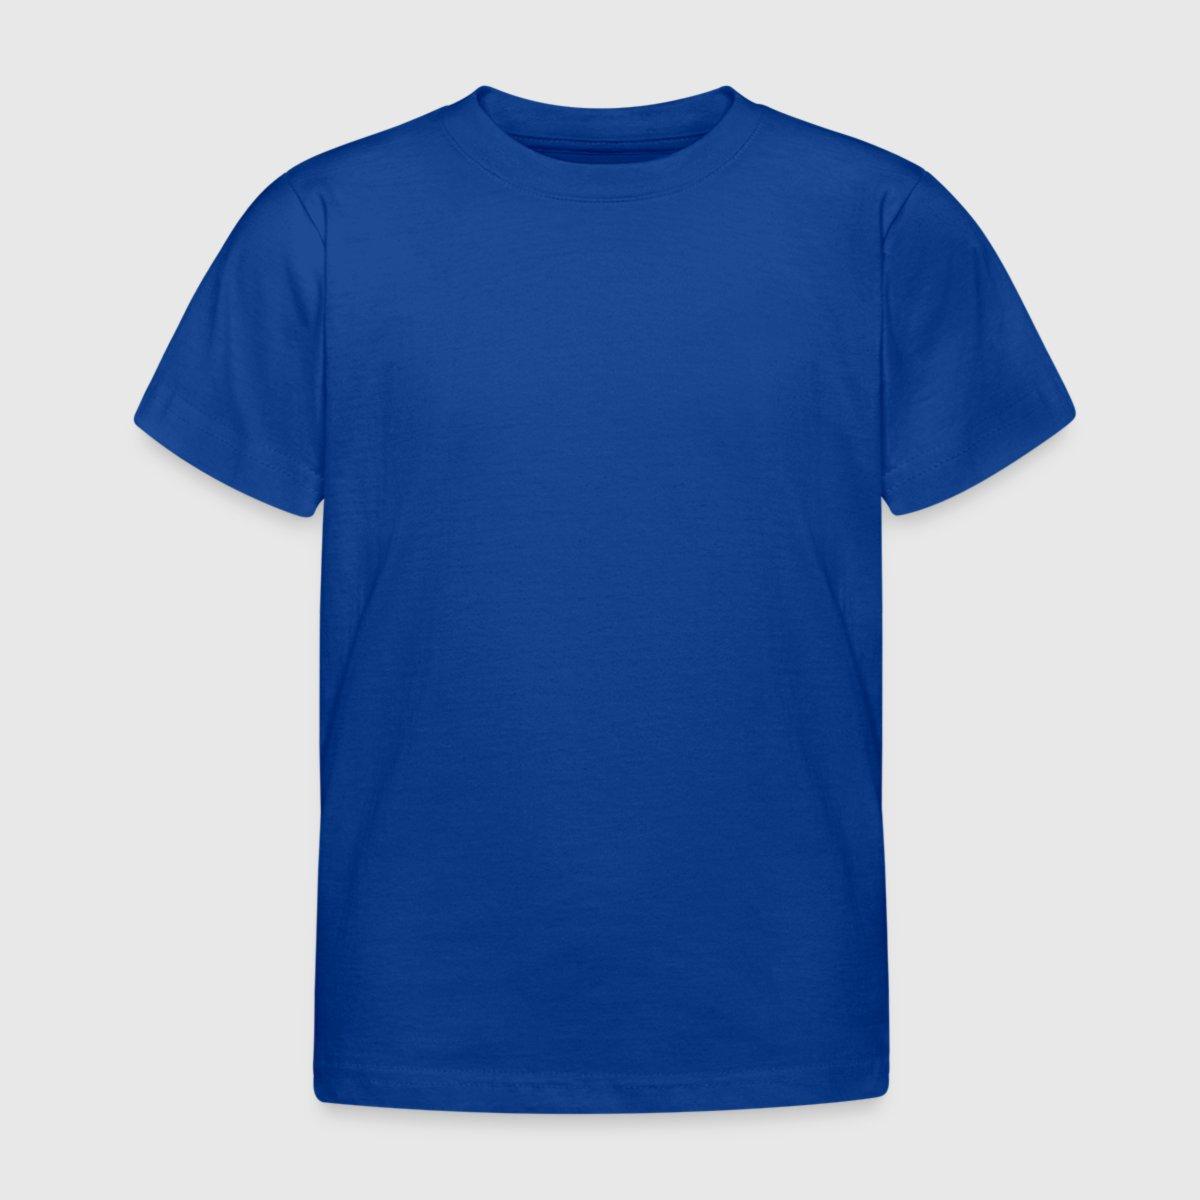 kinder t shirt spreadshirt. Black Bedroom Furniture Sets. Home Design Ideas